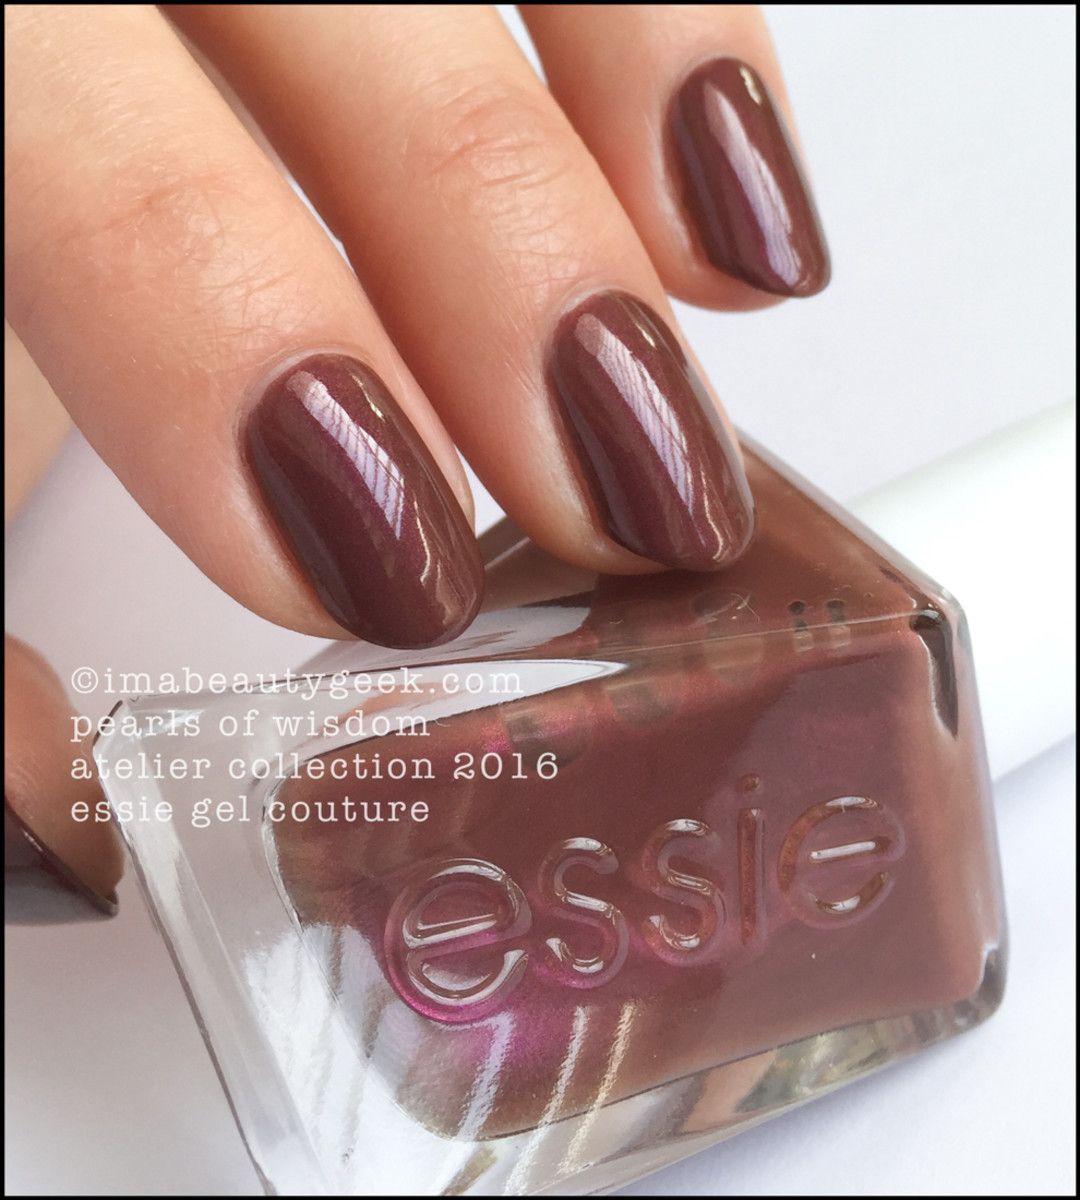 ESSIE GEL COUTURE Pearls of Wisdom | Style | Pinterest | Essie gel ...